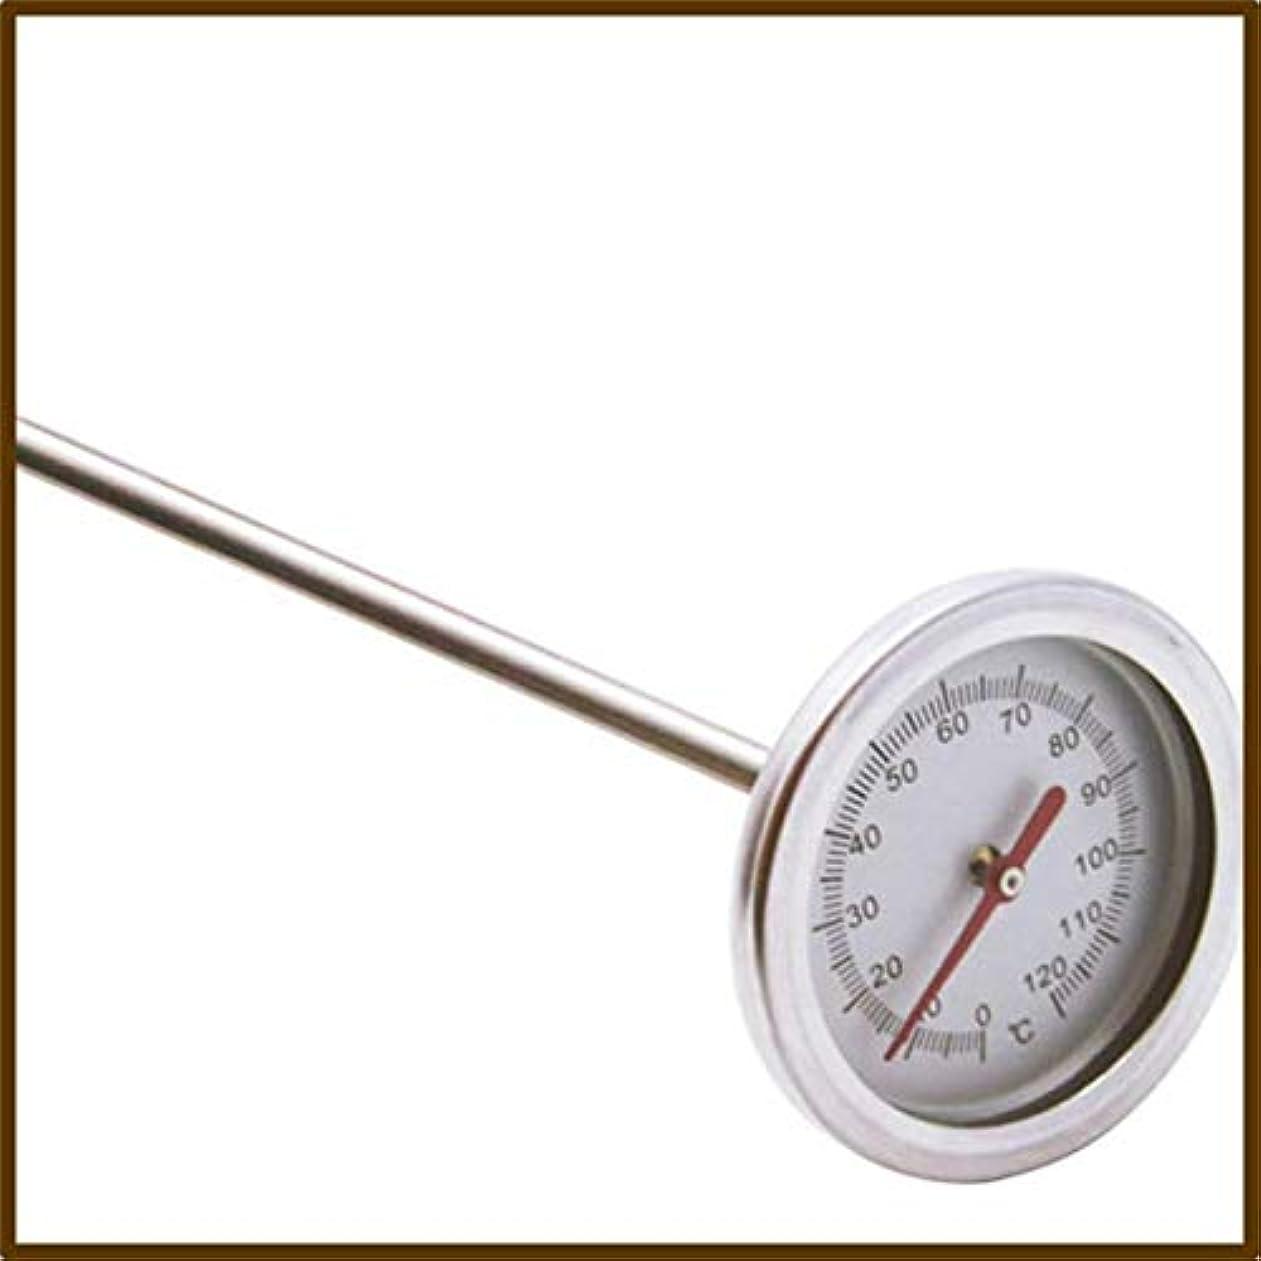 学部長前文献身Saikogoods 20インチ50cmの長さ 0℃-120℃ 堆肥の土壌温度計 プローブ検出器の測定プレミアム食品グレードステンレススチール メタル 銀